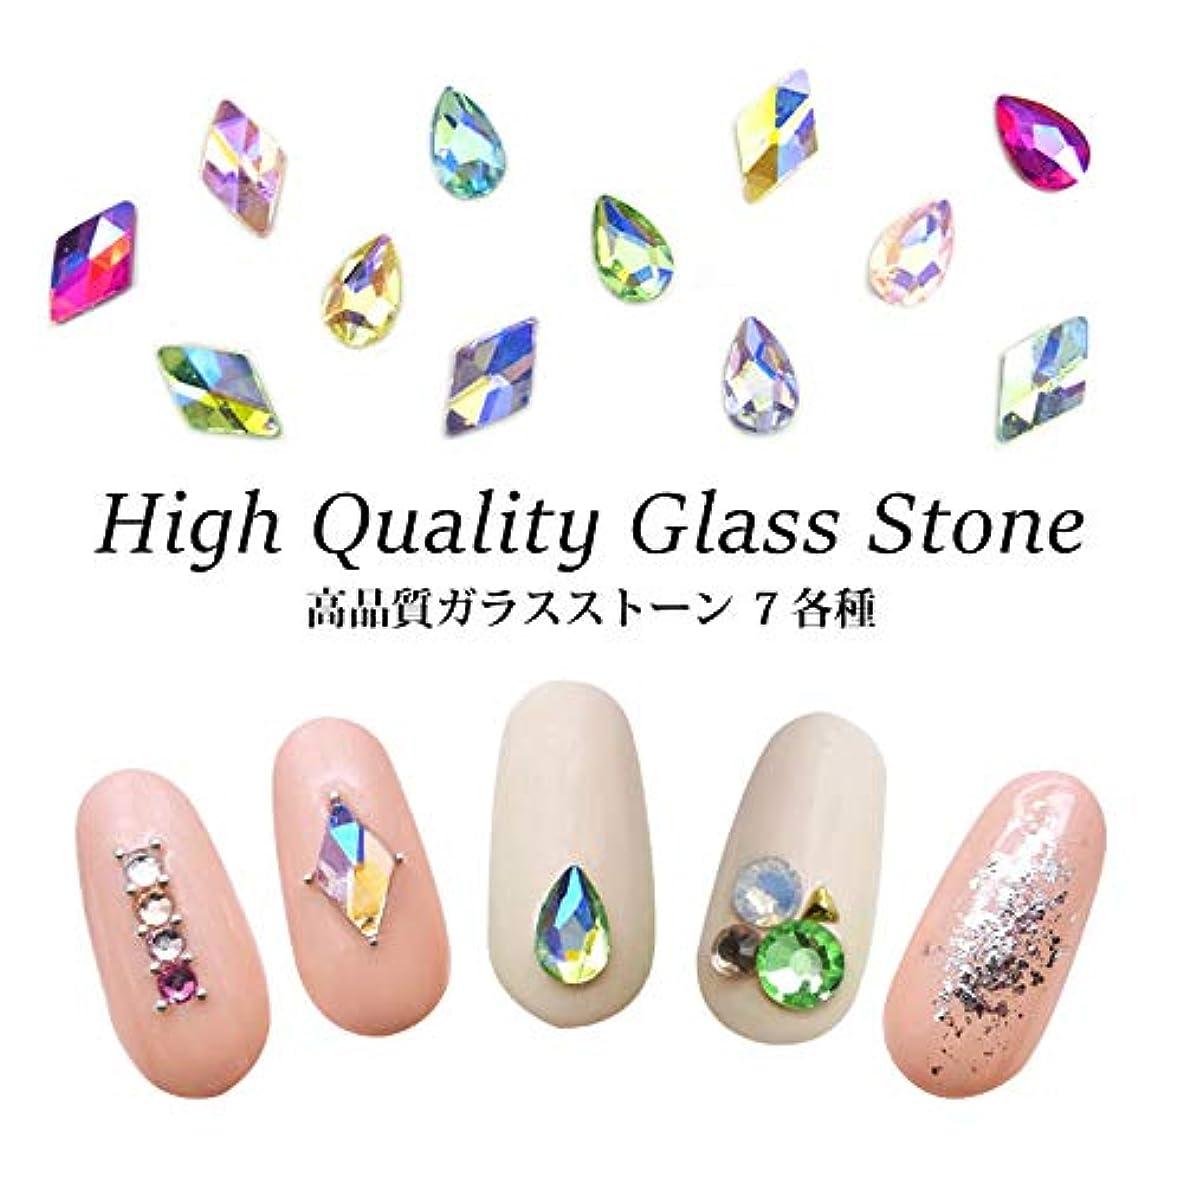 若いゴールデンスチール高品質 ガラスストーン 7 各種 5個入り (ランバス, 1.クリスタルブルームーン)